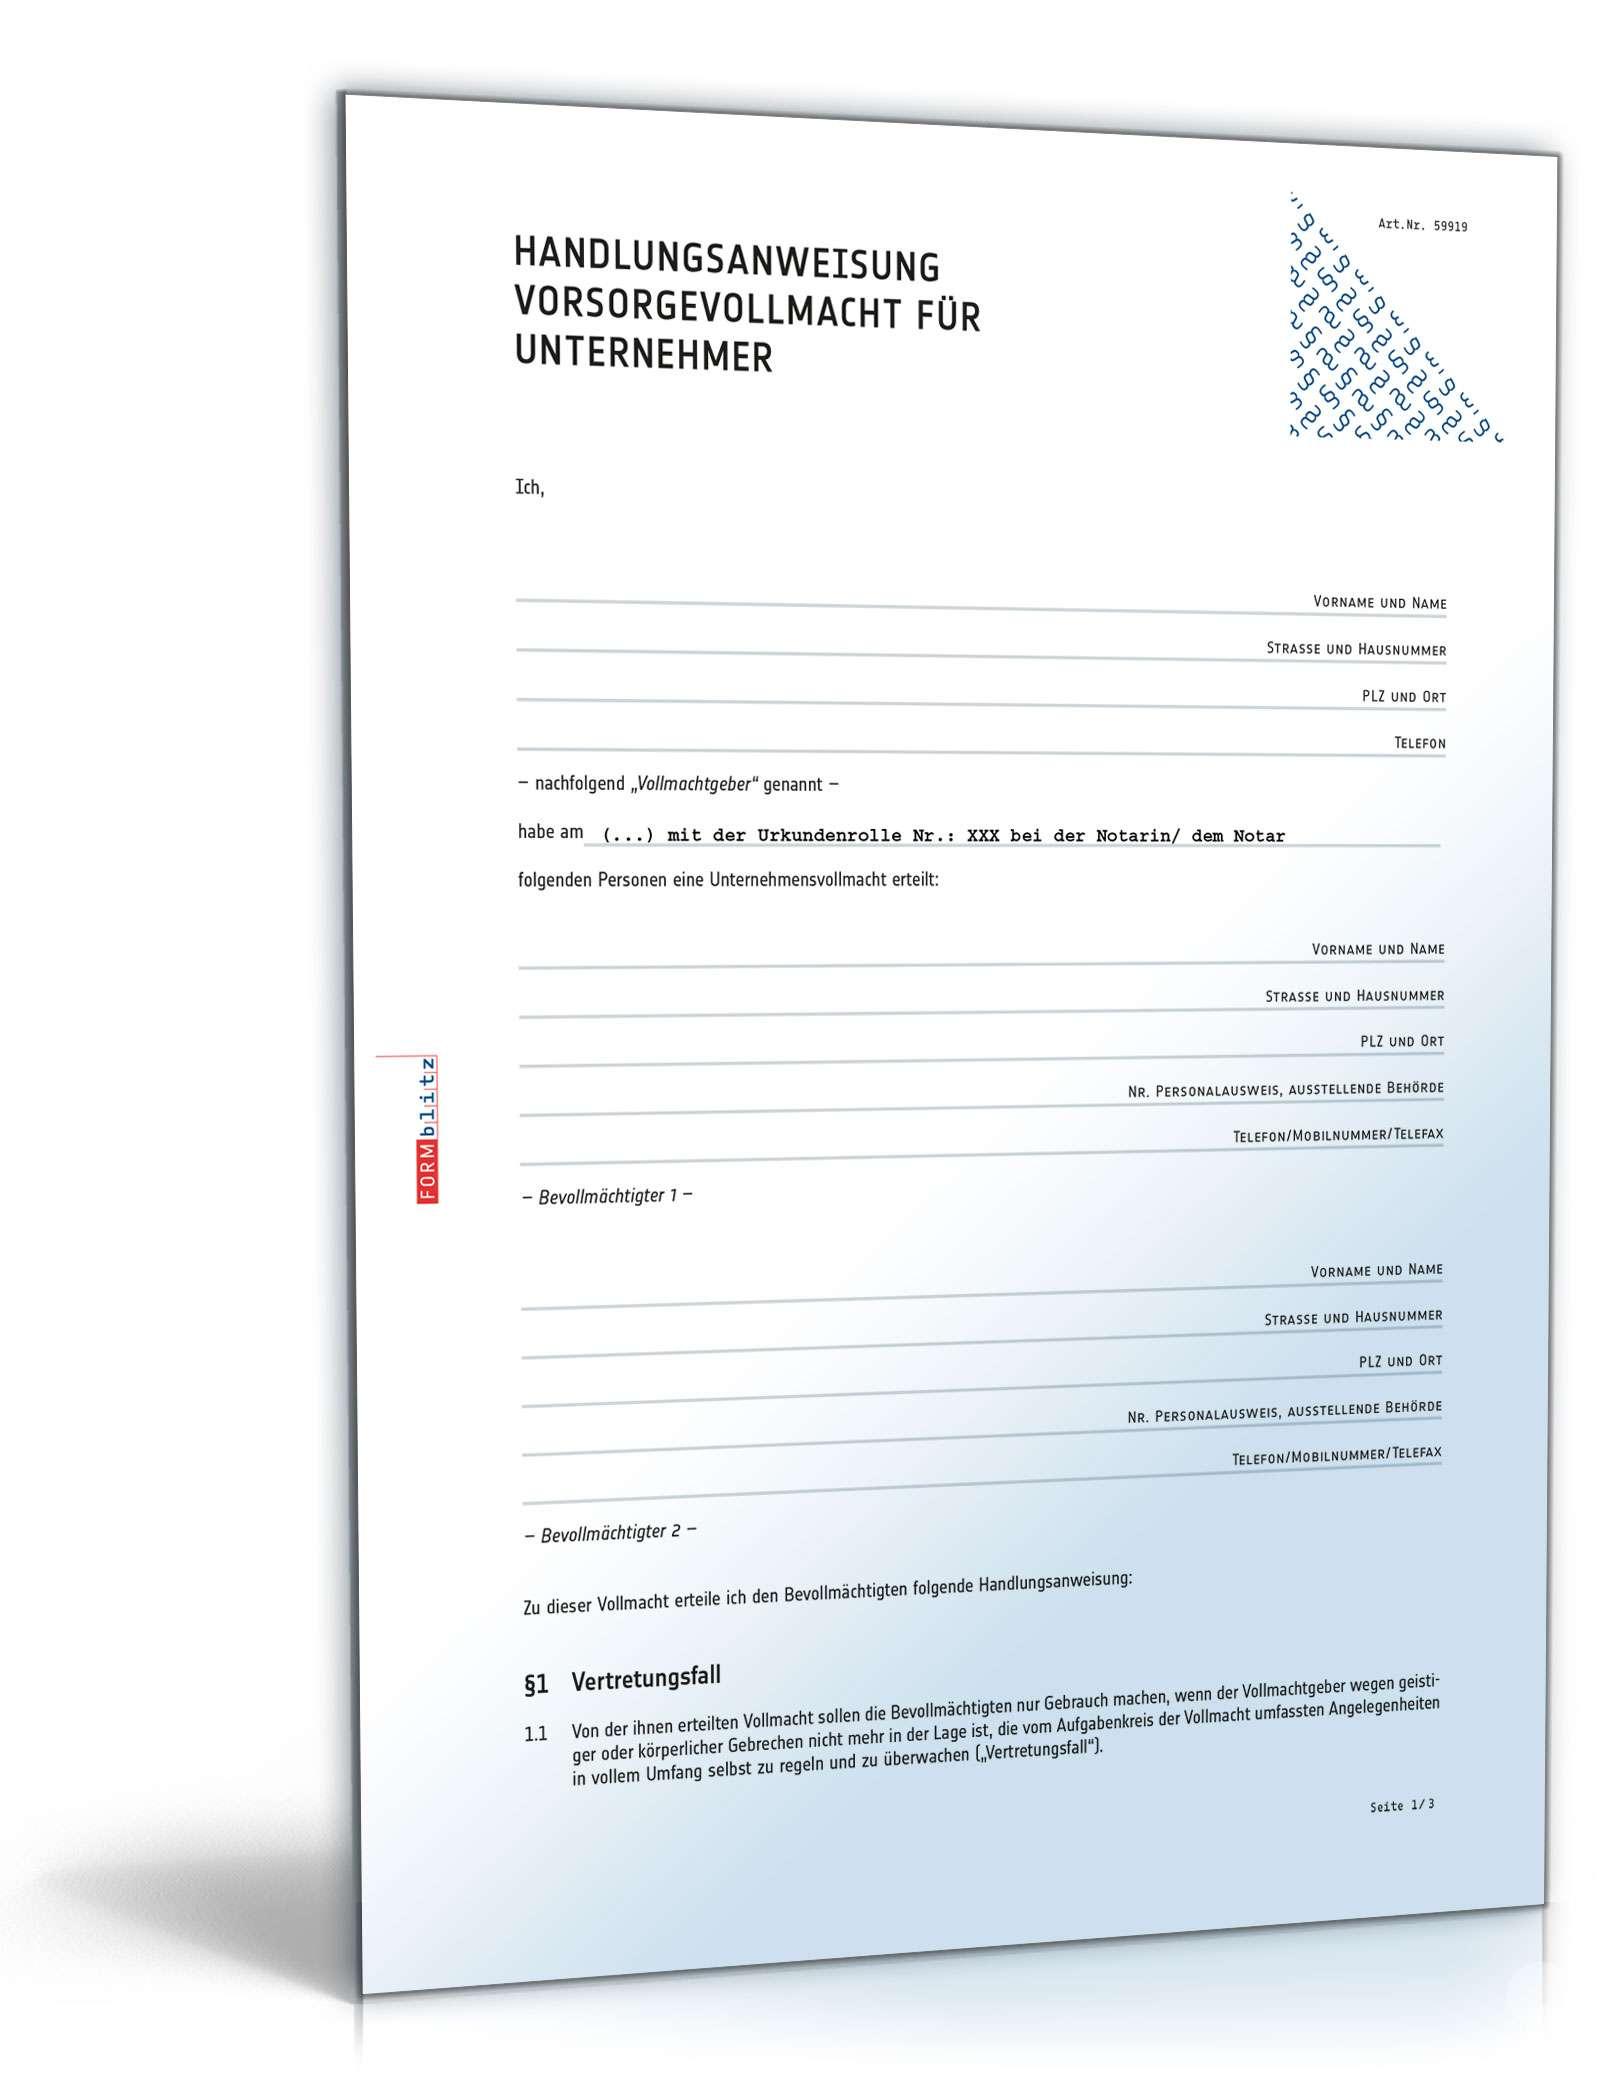 Handlungsanweisung Vorsorgevollmacht Unternehmer | Vorlage zum Download